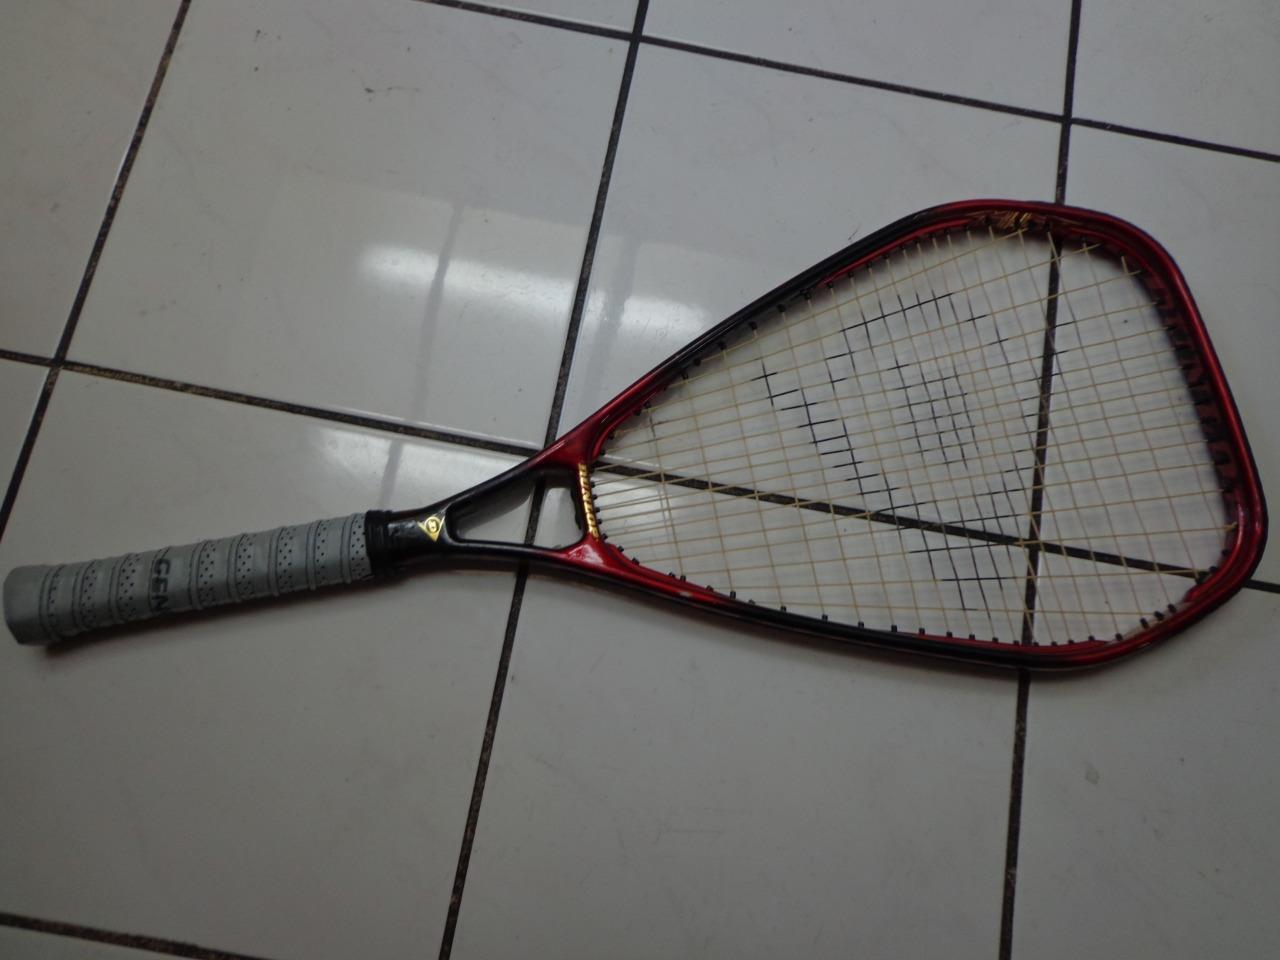 Dunlop Max Predator Oversize 4 3 8 grip Tennis Racquet